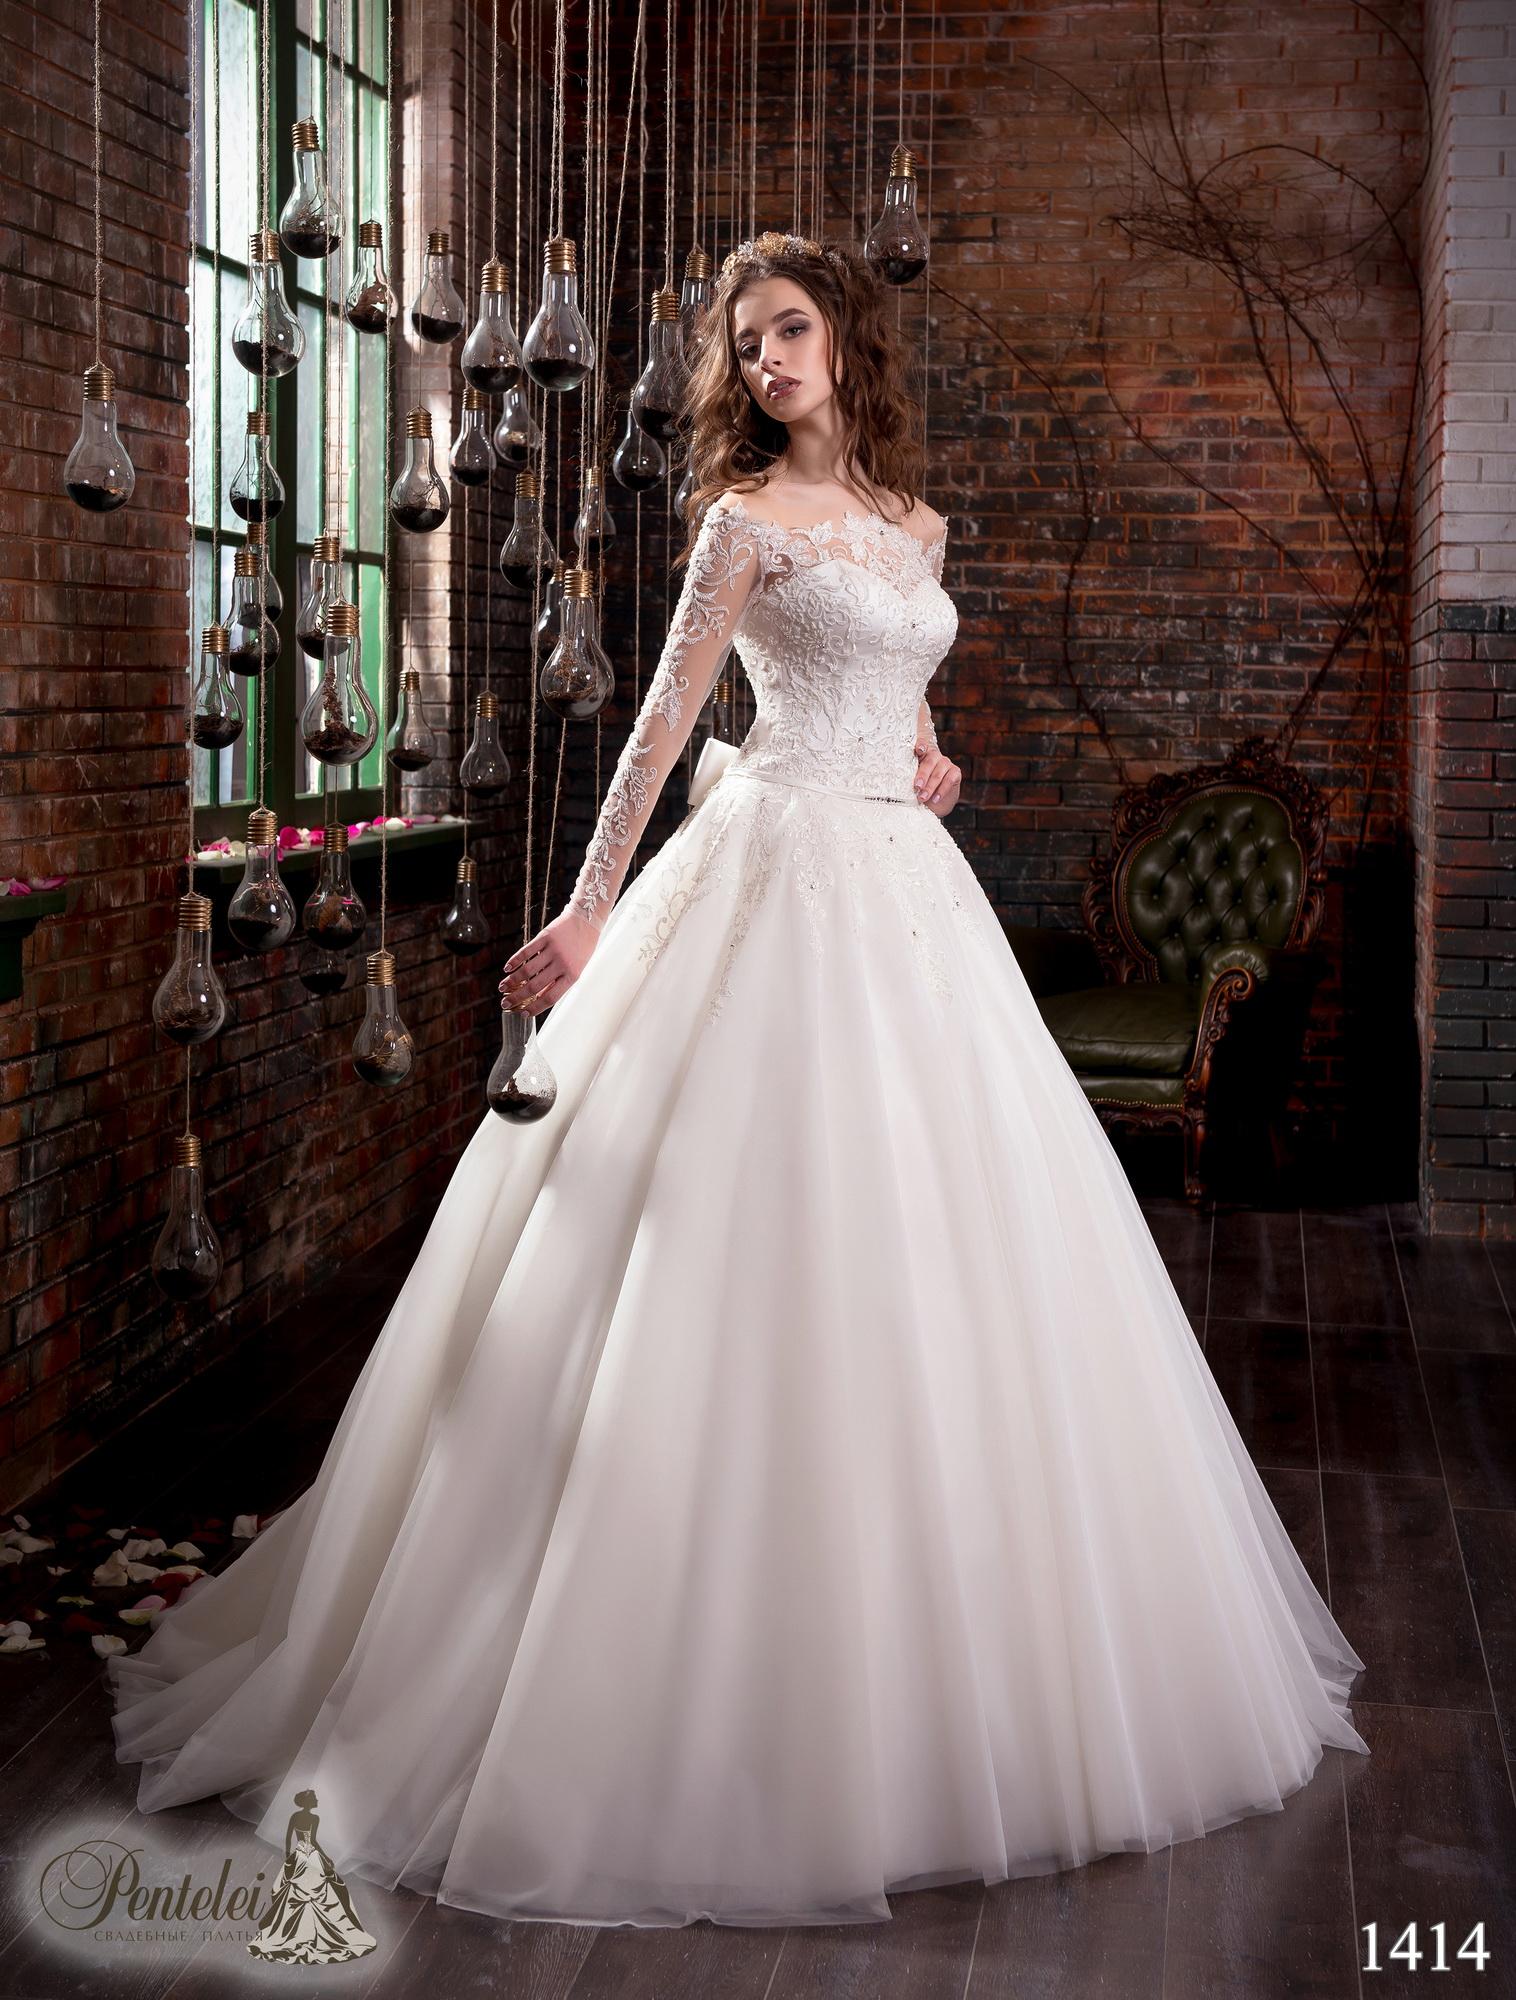 1414 | Купить свадебные платья оптом от Pentelei